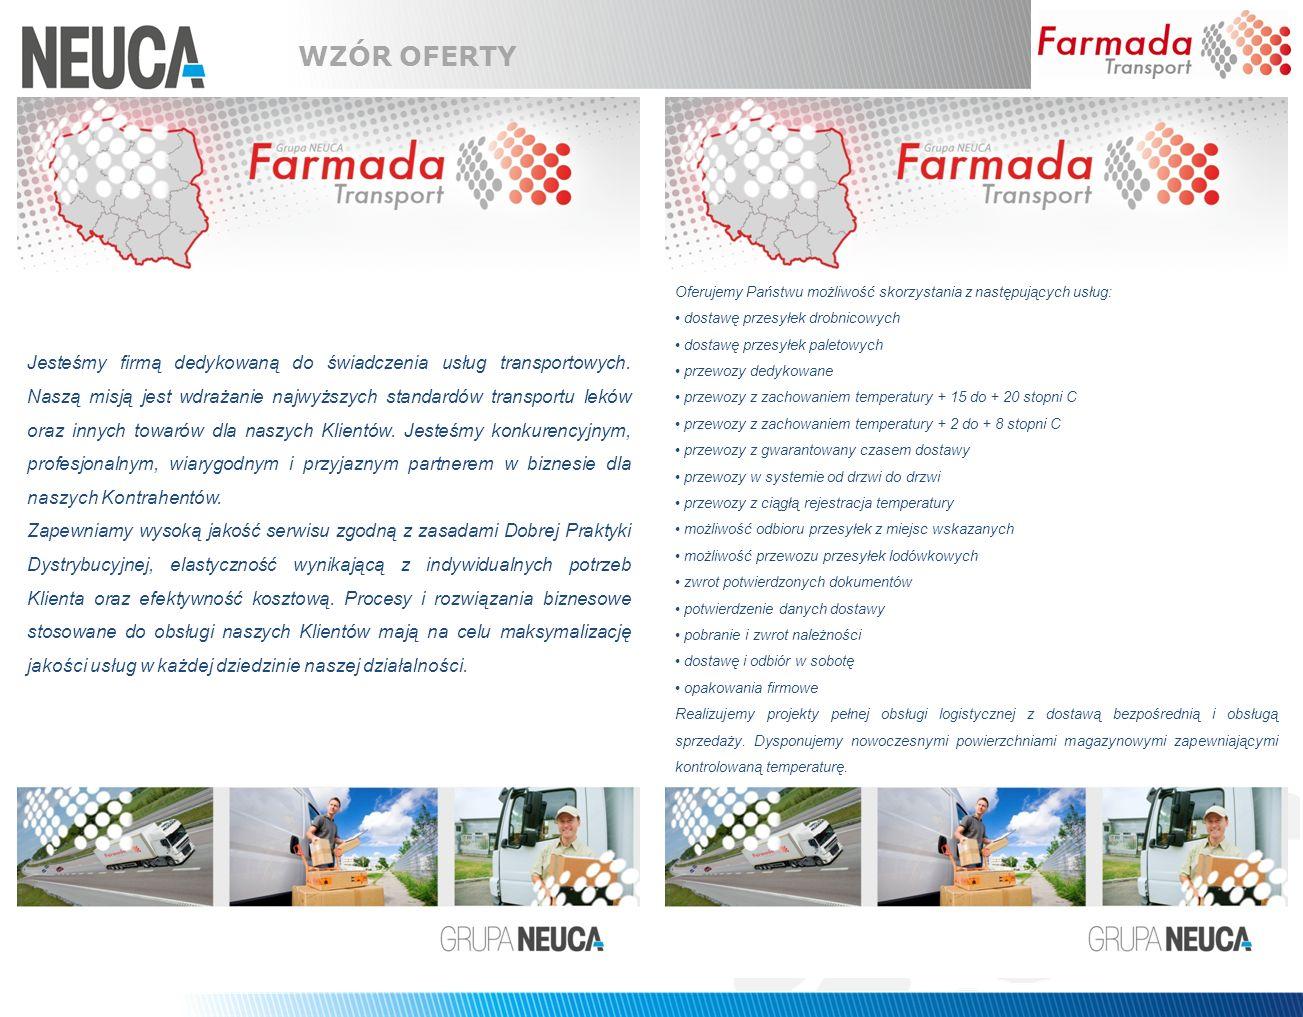 Warunki współpracy z firmą FARMADA 1.Akceptacja oferty poprzez jej podpisanie przez osoby upoważnione z Państwa strony oznacza podstawę do stworzenia umowy w przedmiocie świadczenia przez Farmada Transport Sp.